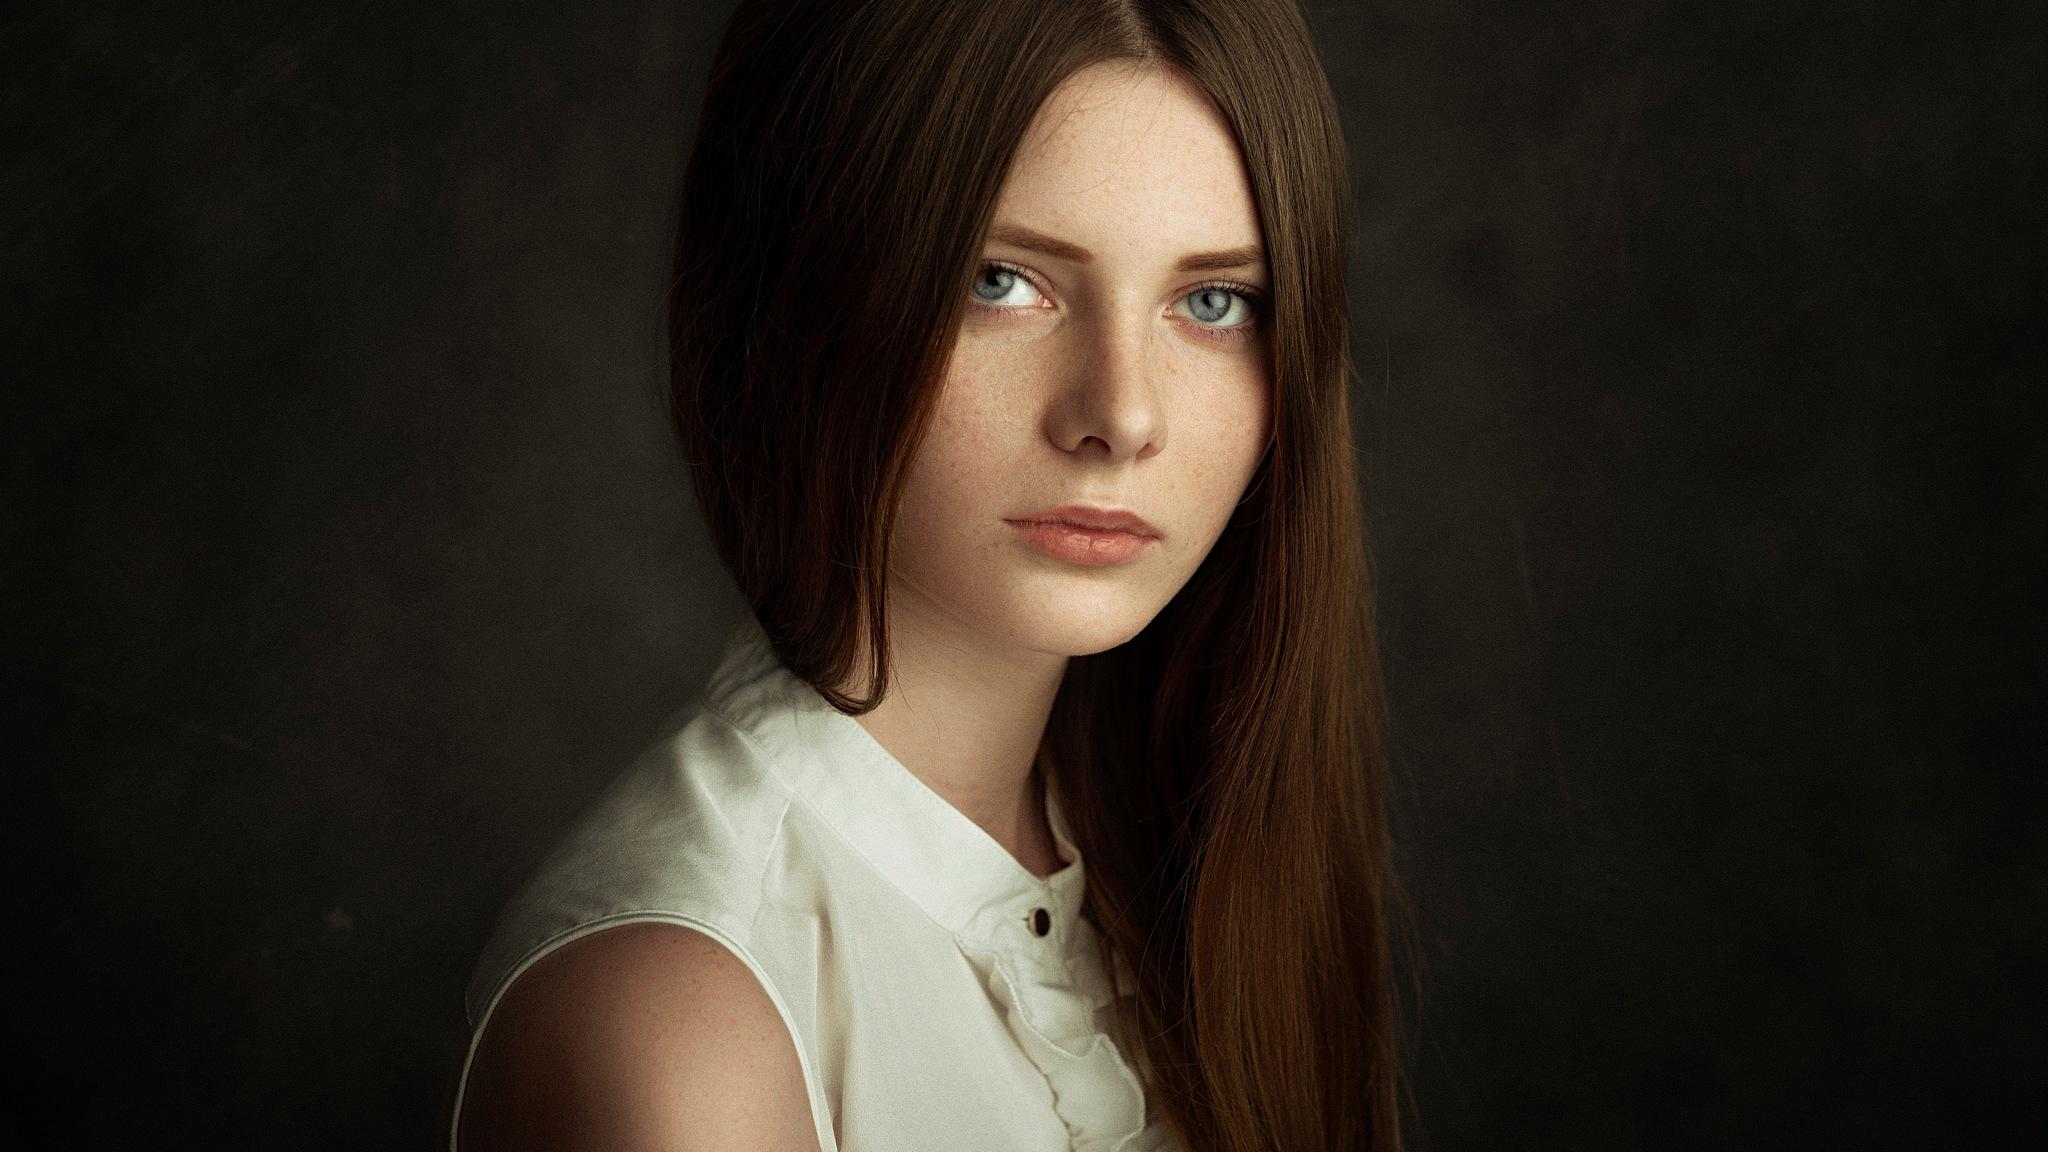 Elena by Pavel Cherepko